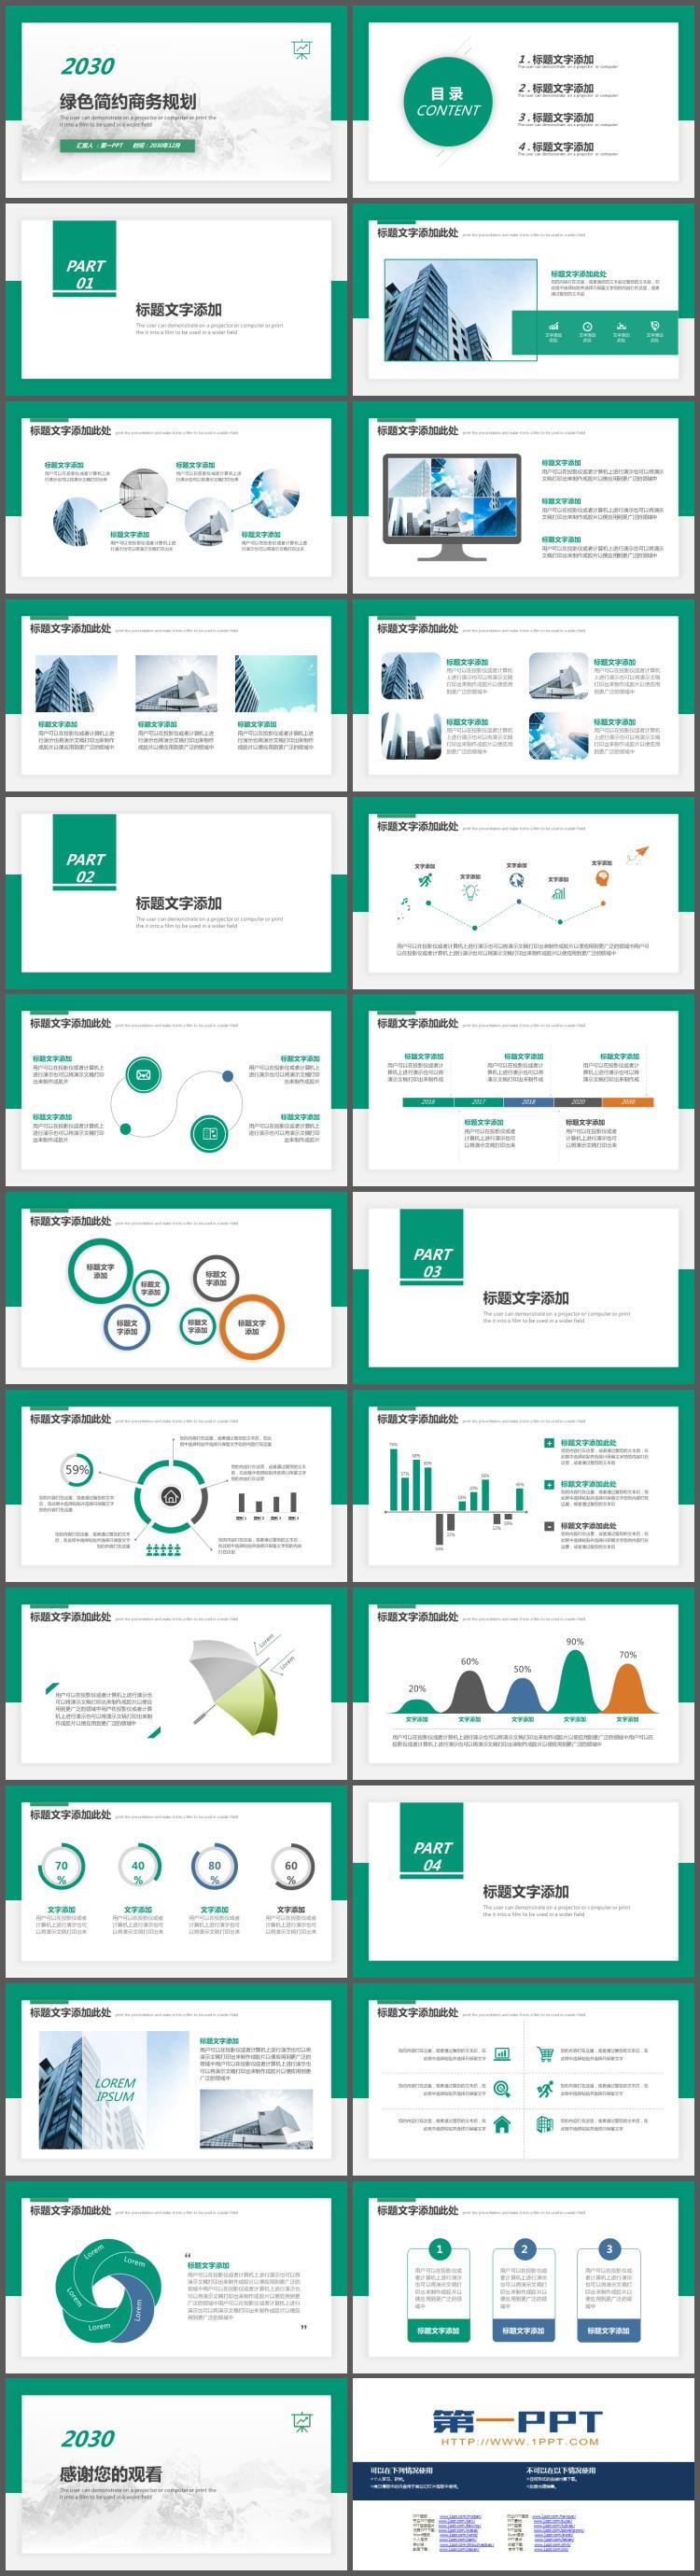 绿色简约卡片样式商务PPT模板免费下载